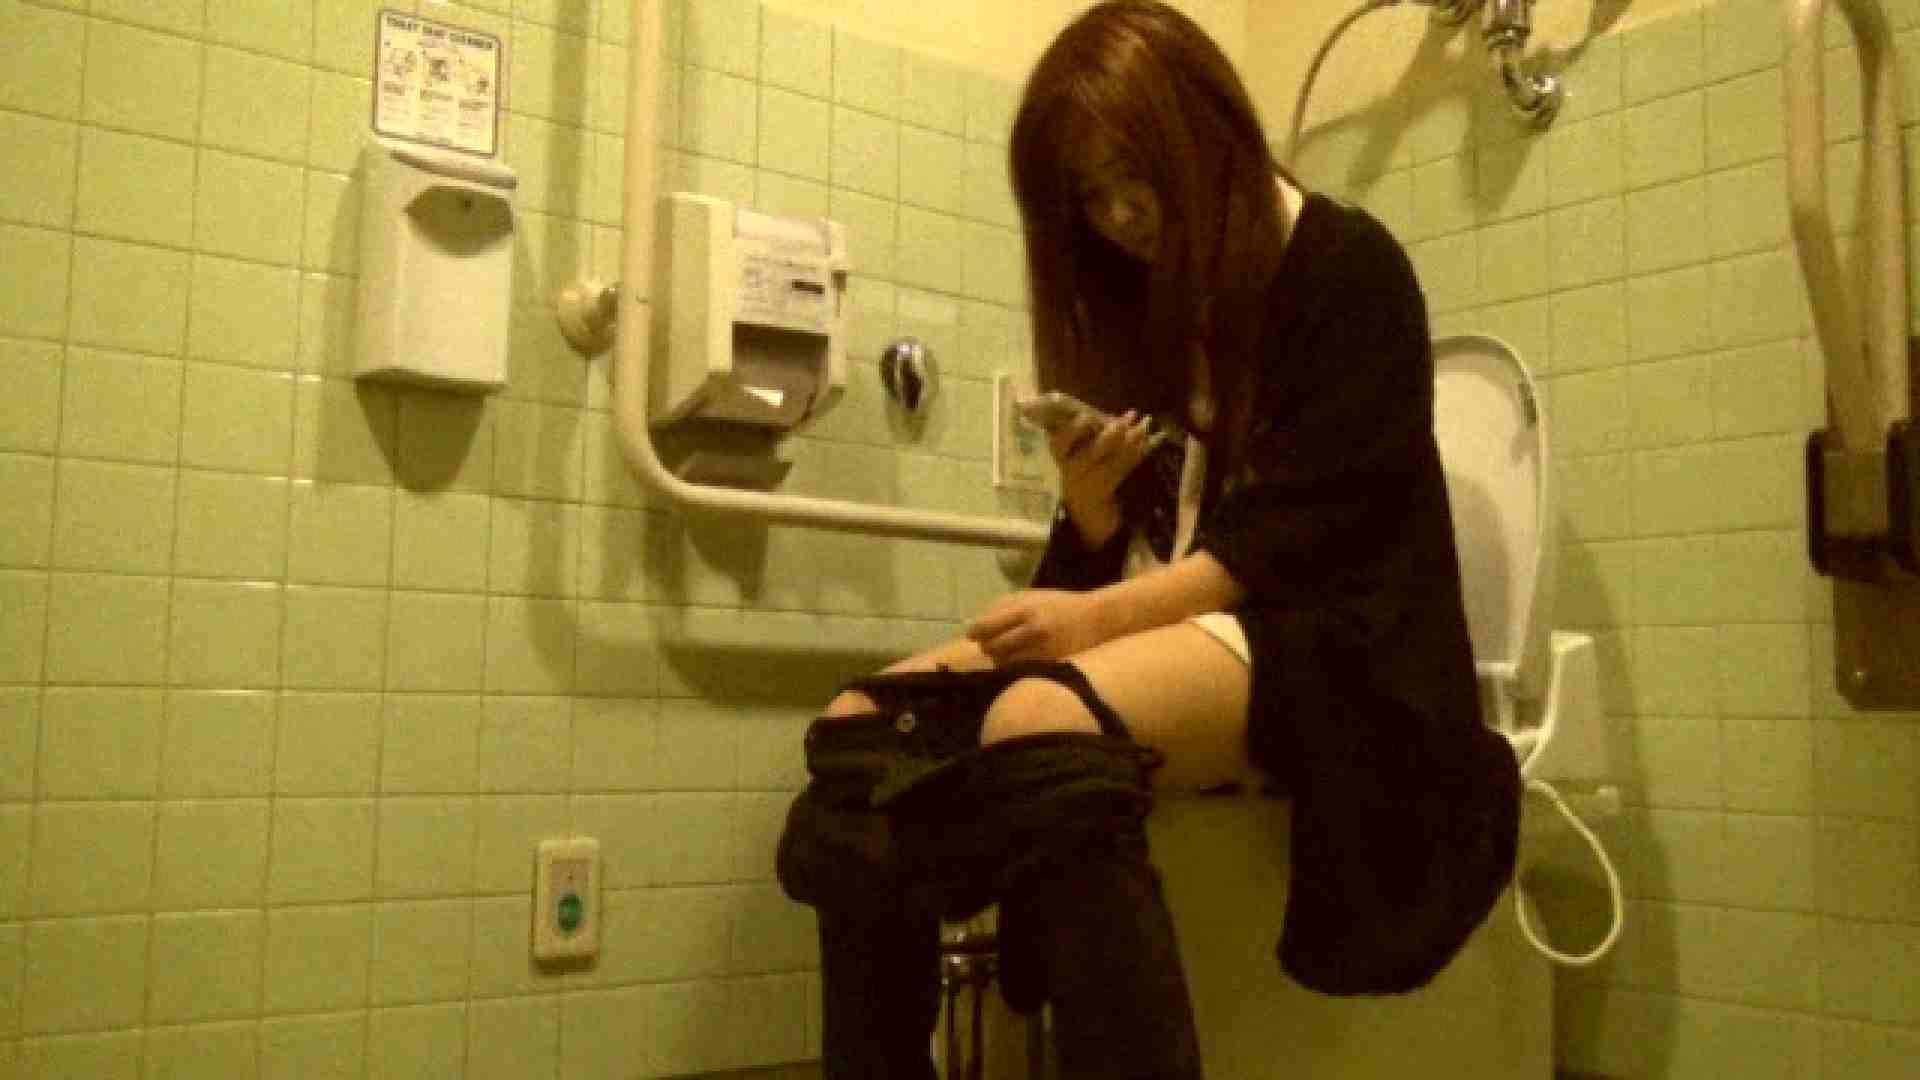 魔術師の お・も・て・な・し vol.26 19歳のバーの店員さんの洗面所をしばし… 洗面所  54連発 38